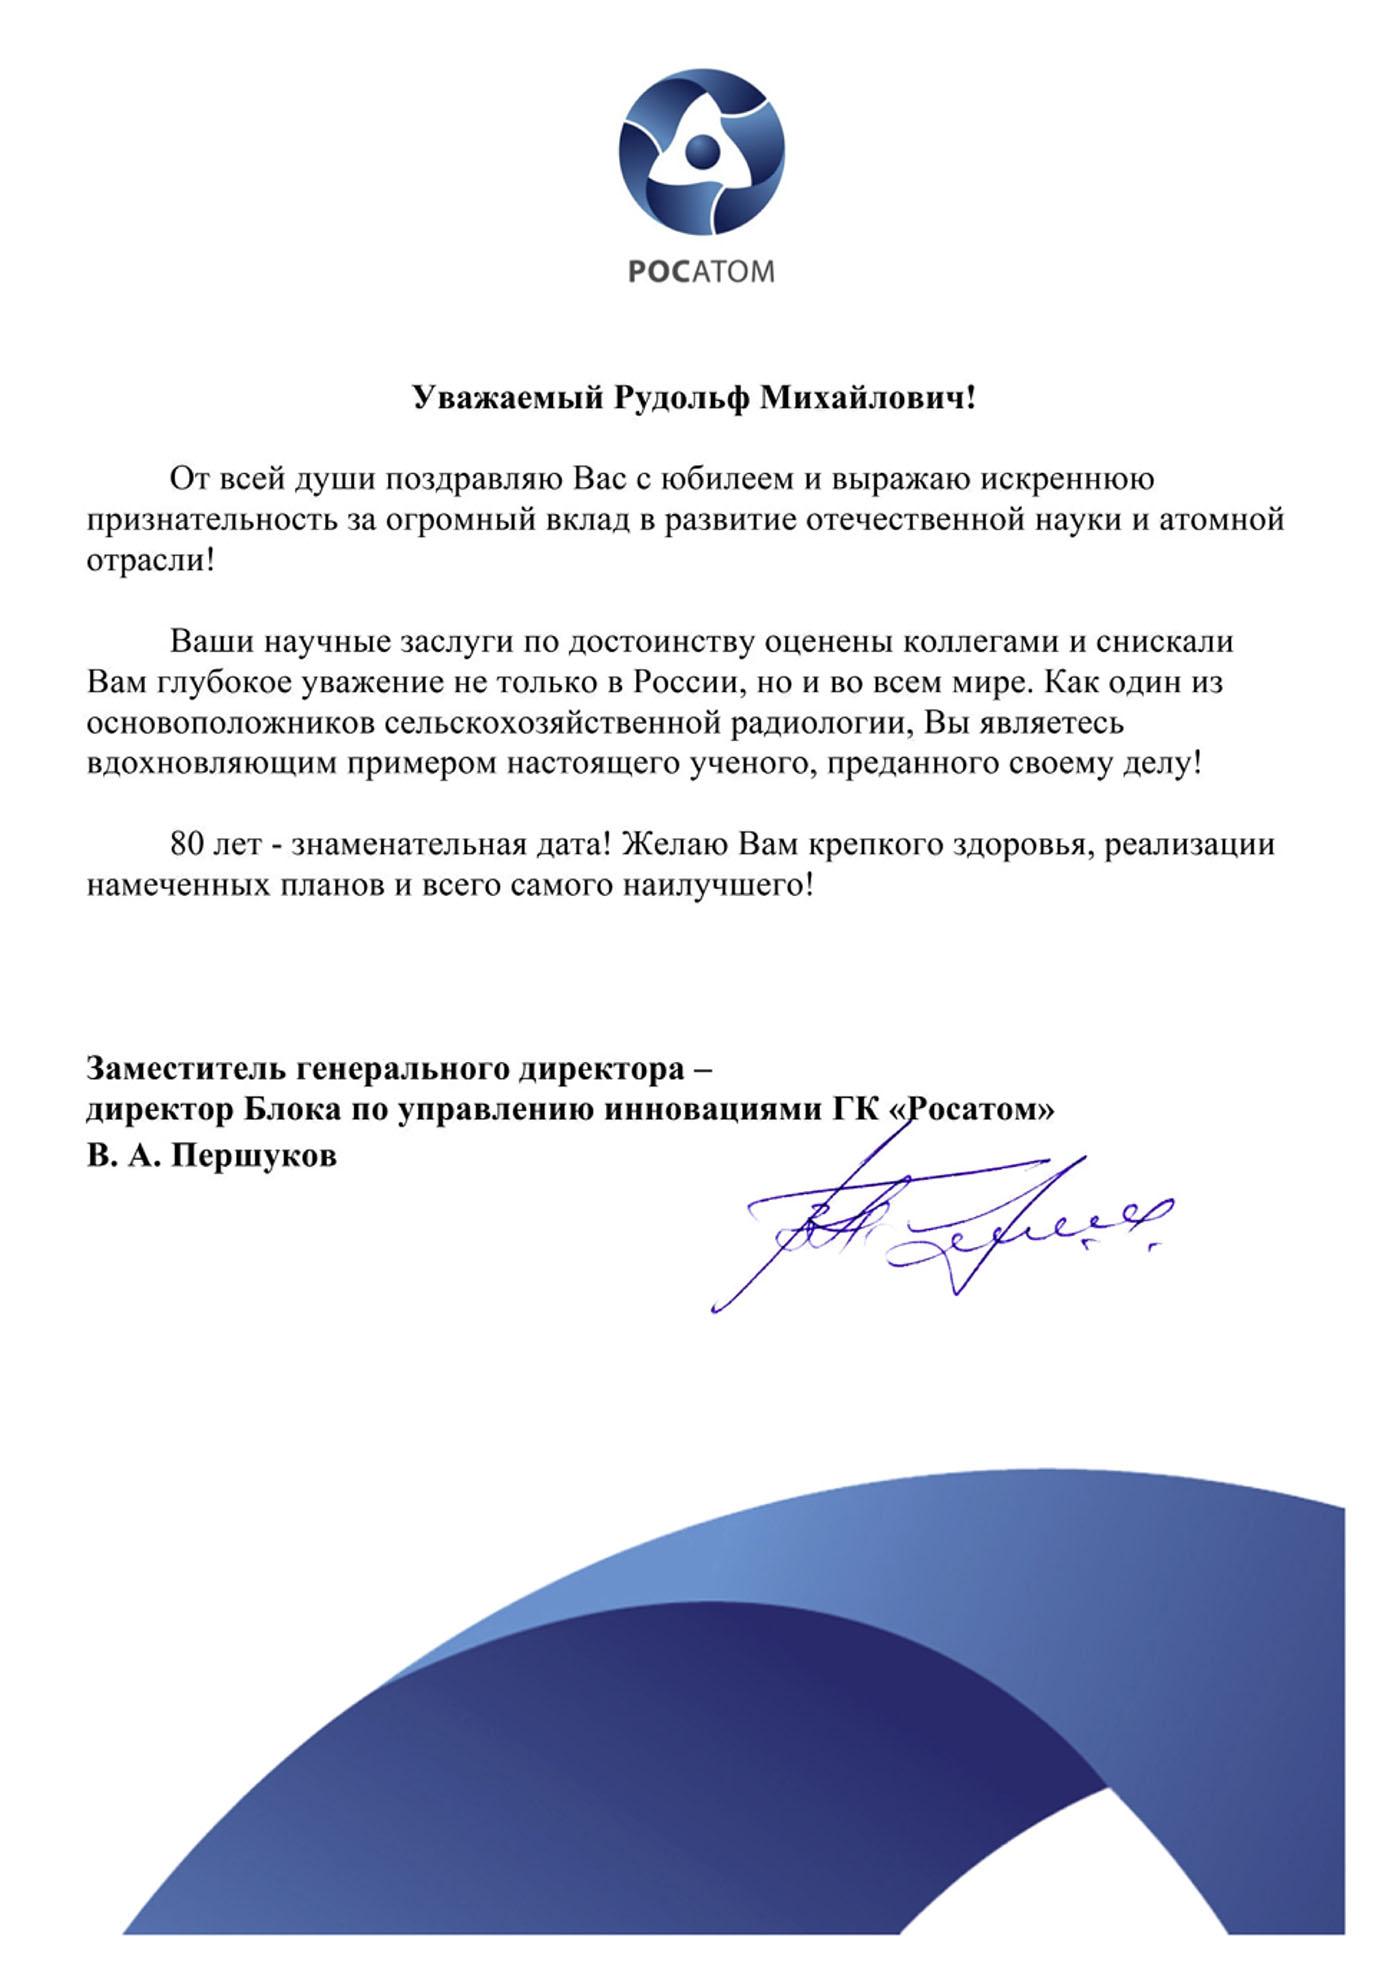 Поздравление Алексахина Першуков